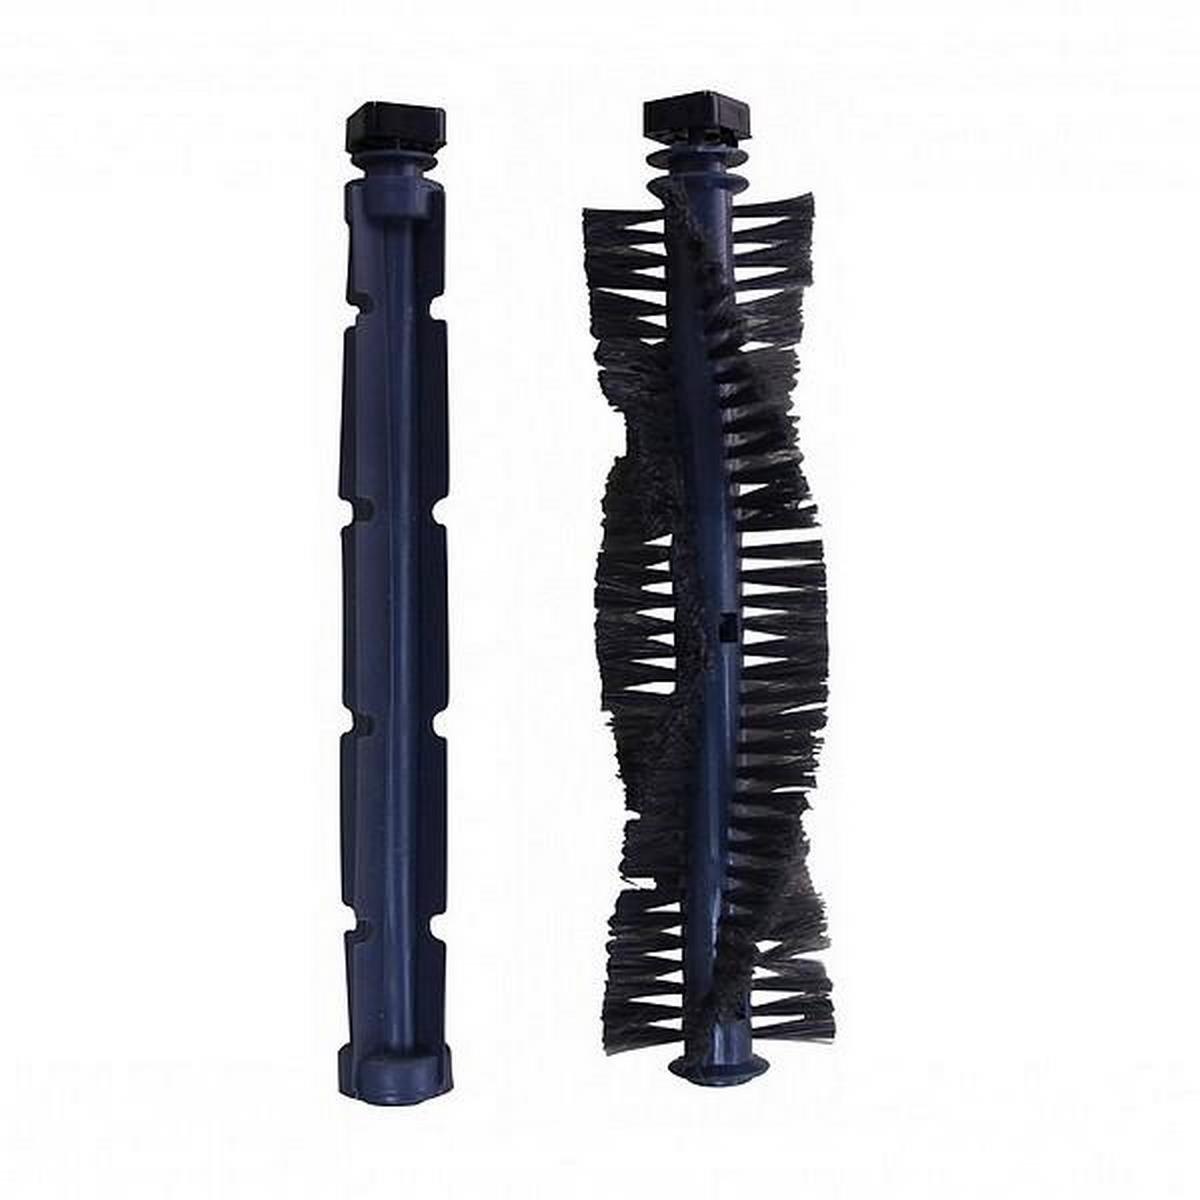 Cepillo giratorio - Robot aspirador - Hoover: Amazon.es: Grandes electrodomésticos